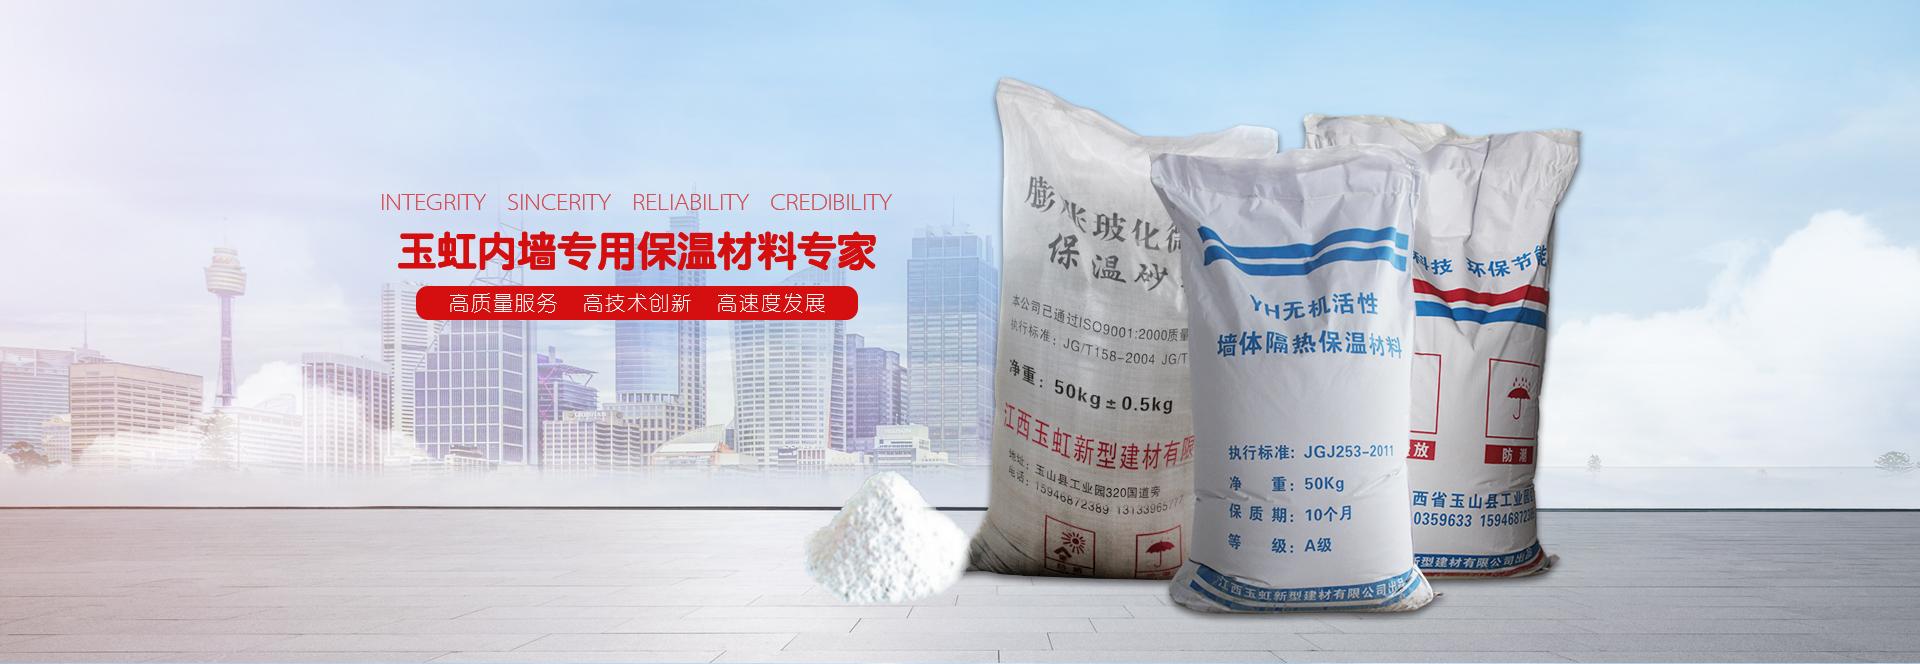 保温材料生产厂家